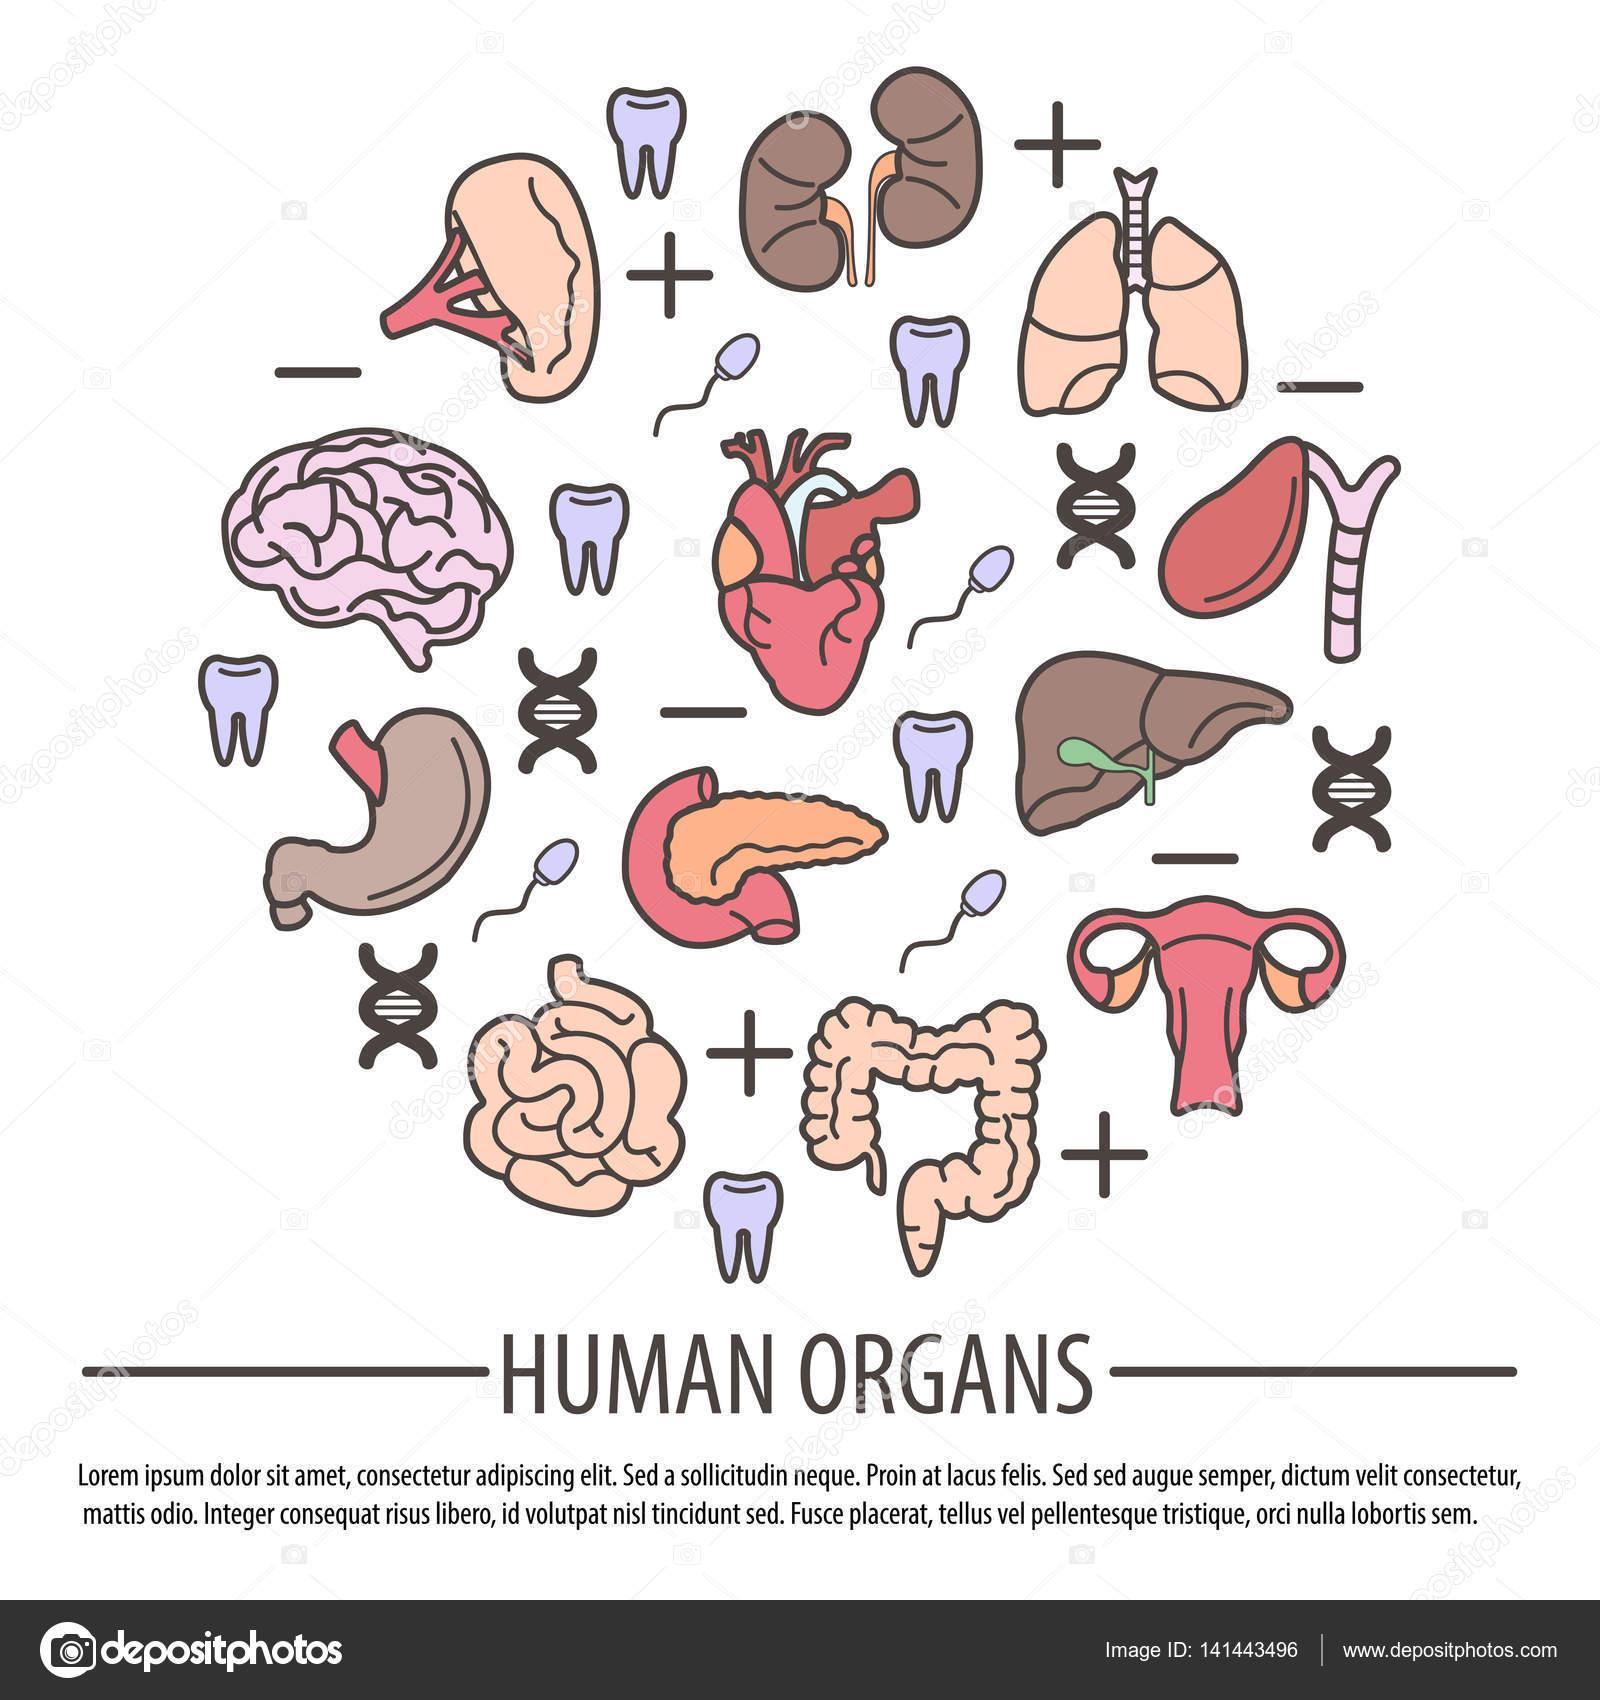 Anatomie des menschlichen Körpers — Stockvektor © Sonulkaster #141443496